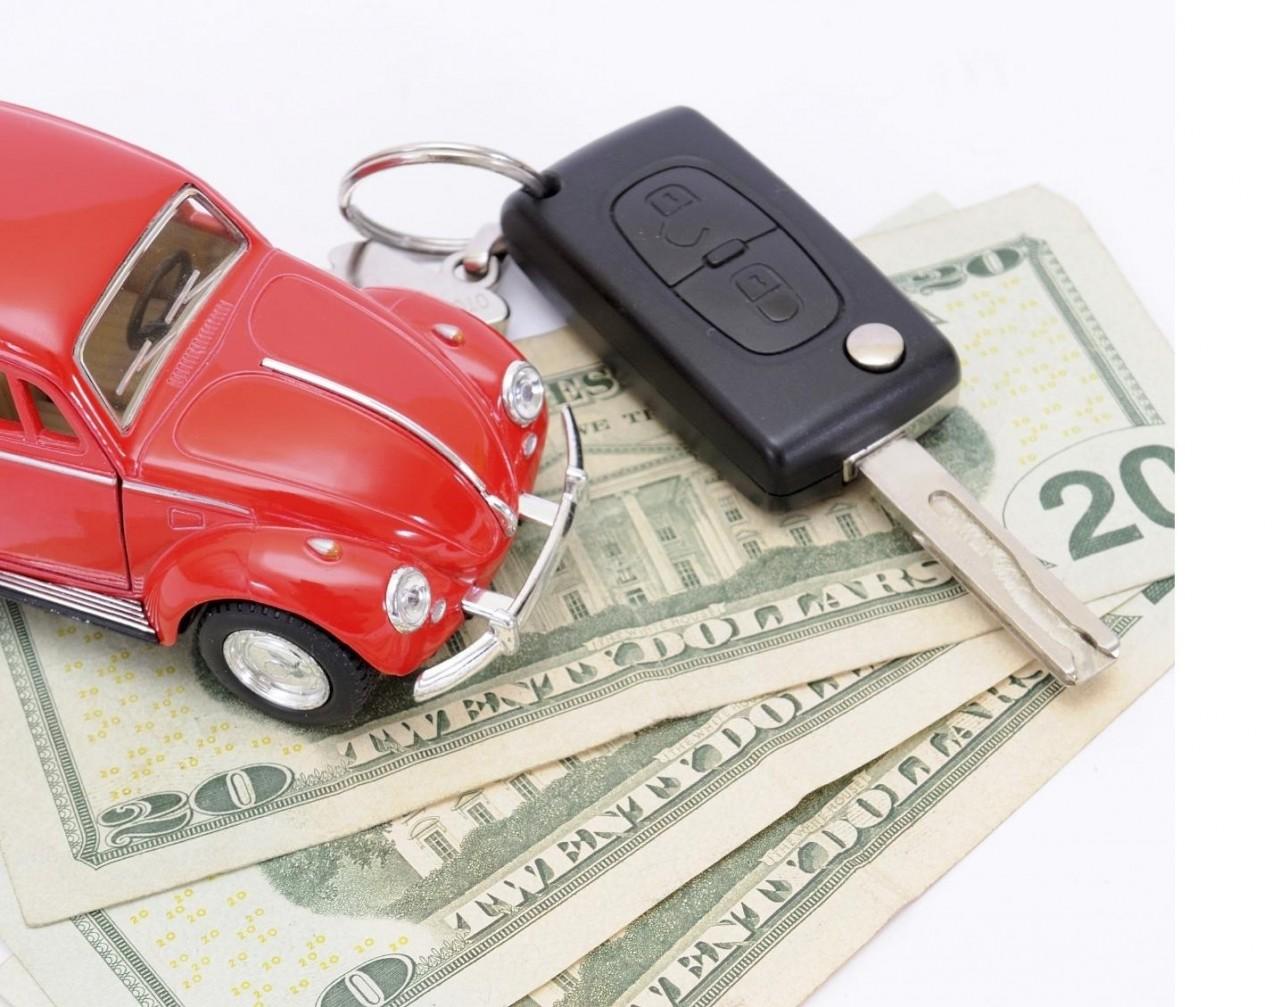 Как пользоваться личным авто и не платить кредит, налоги и страховку